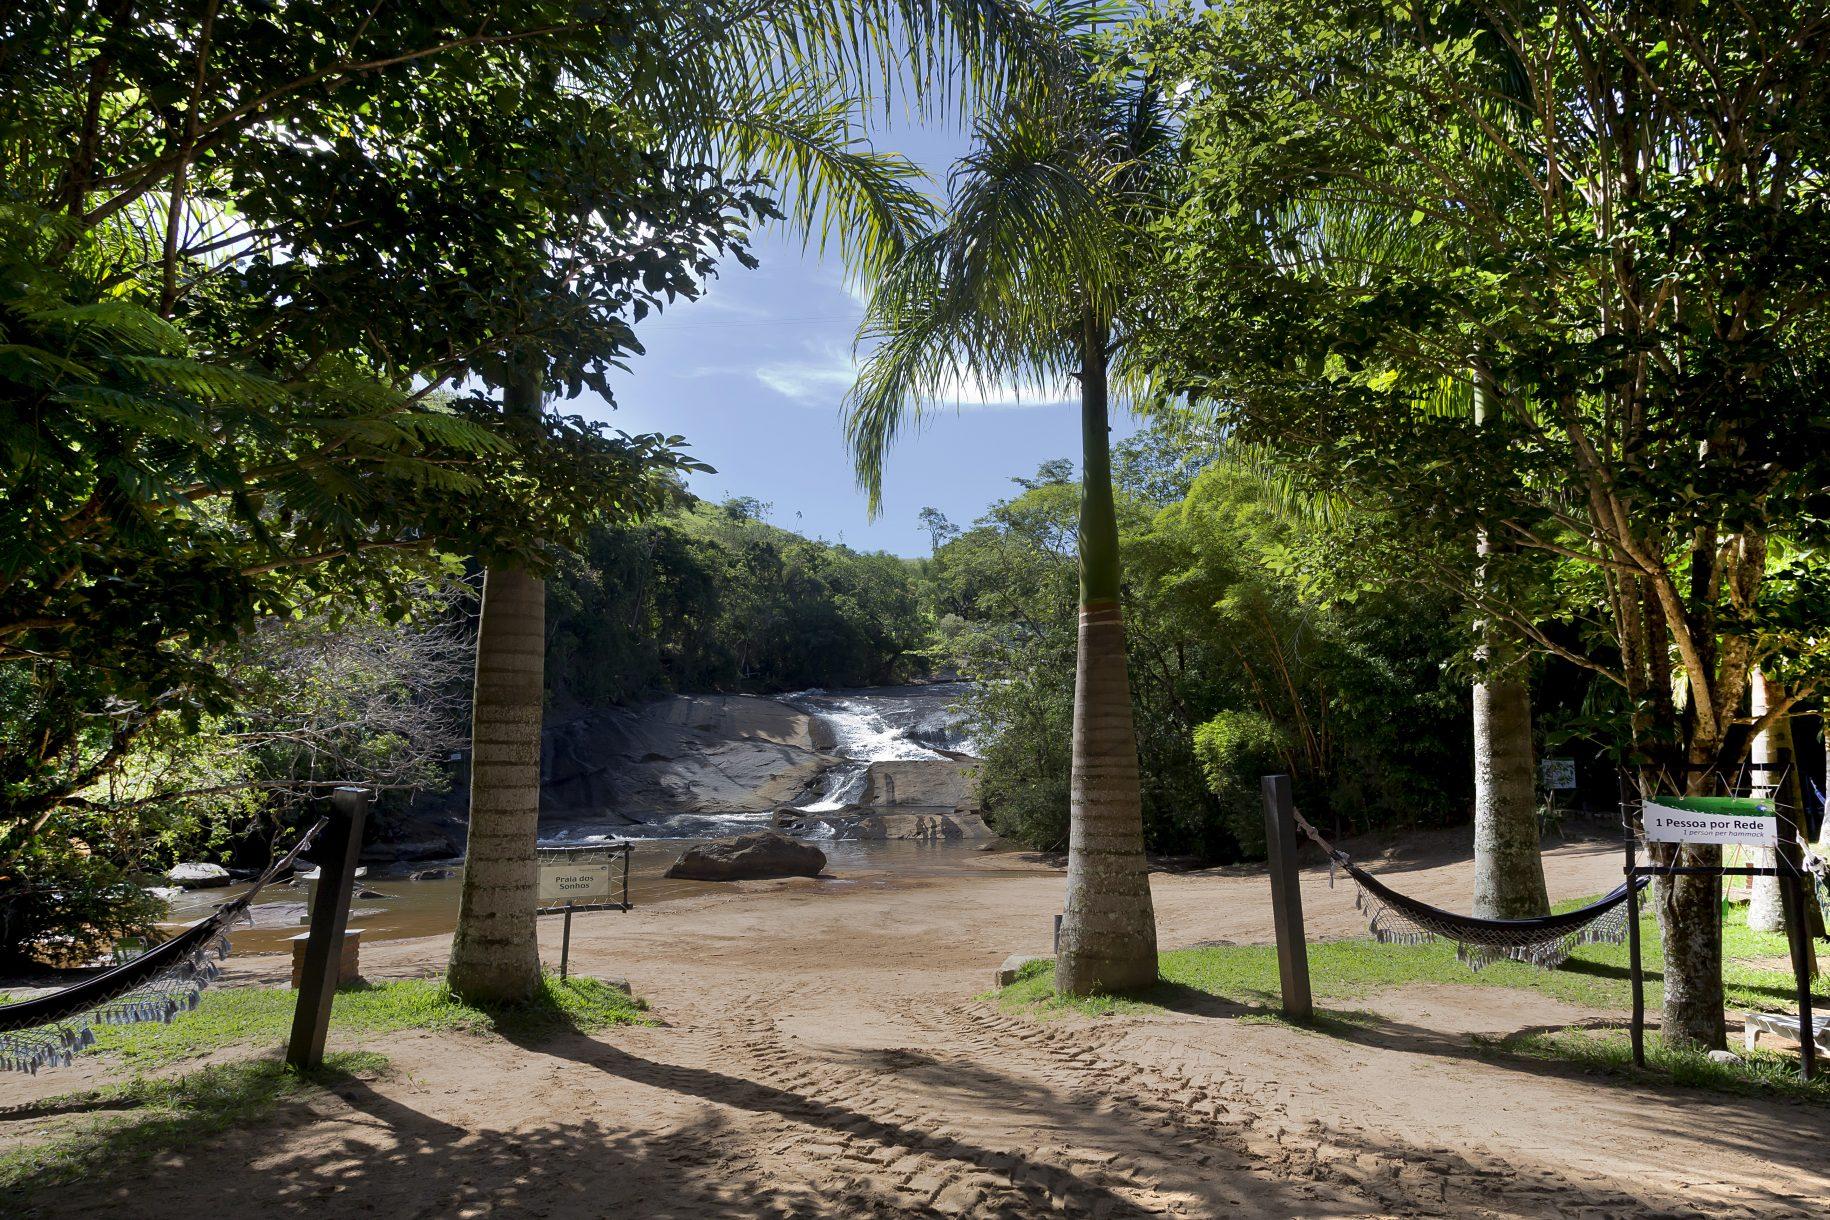 Imagem da prainha do hotel fazenda parque dos sonhos com redes para descanso em meio aos coqueiros